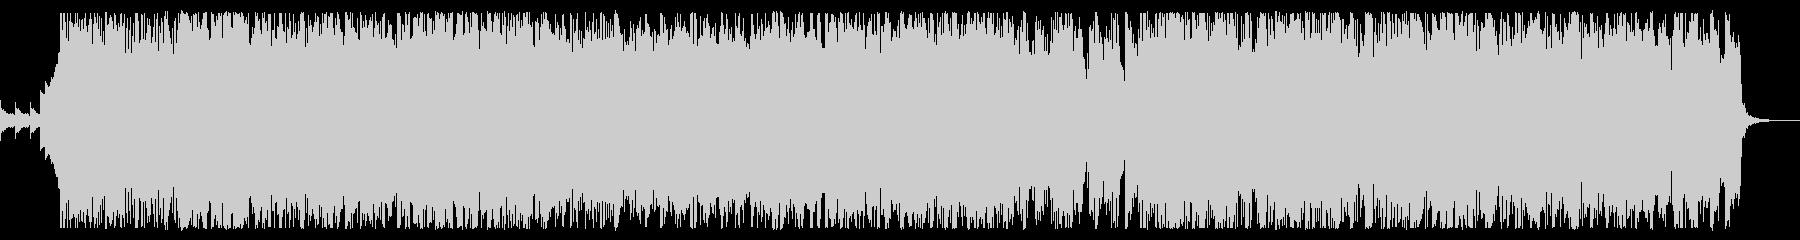 テンション高い疾走ポップロックの未再生の波形